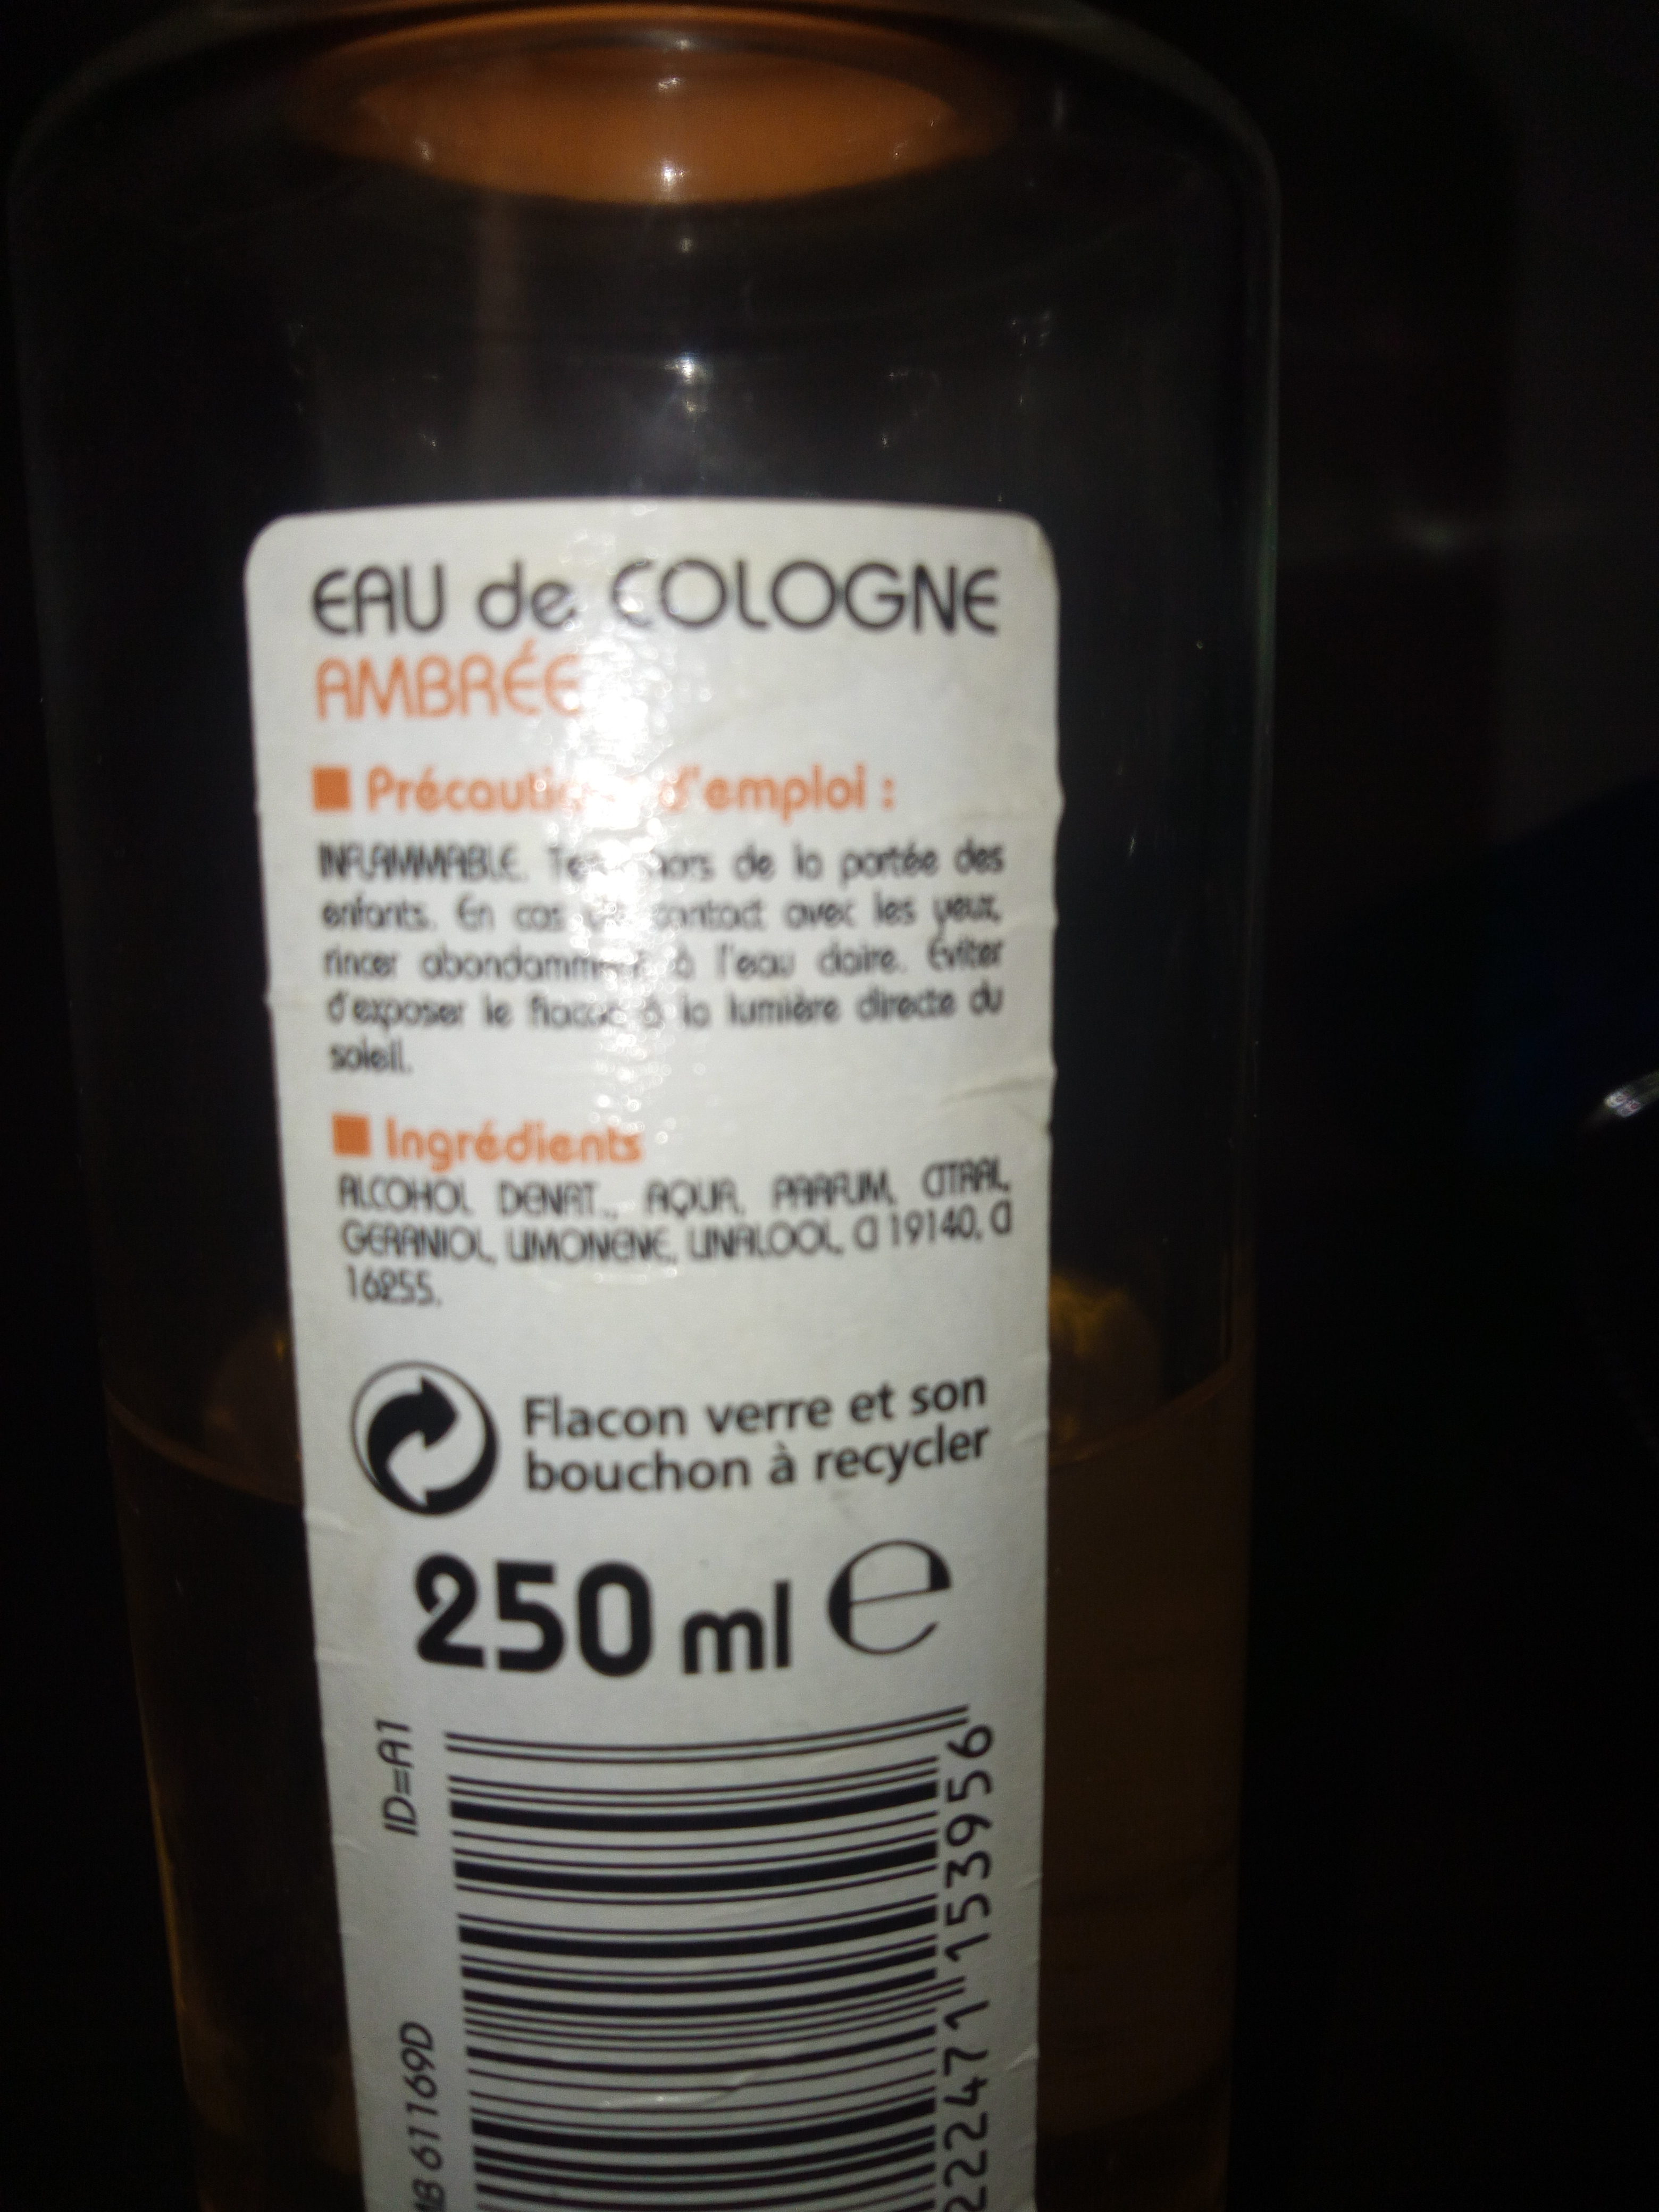 eau de cologne ambrée - Ingrédients - fr